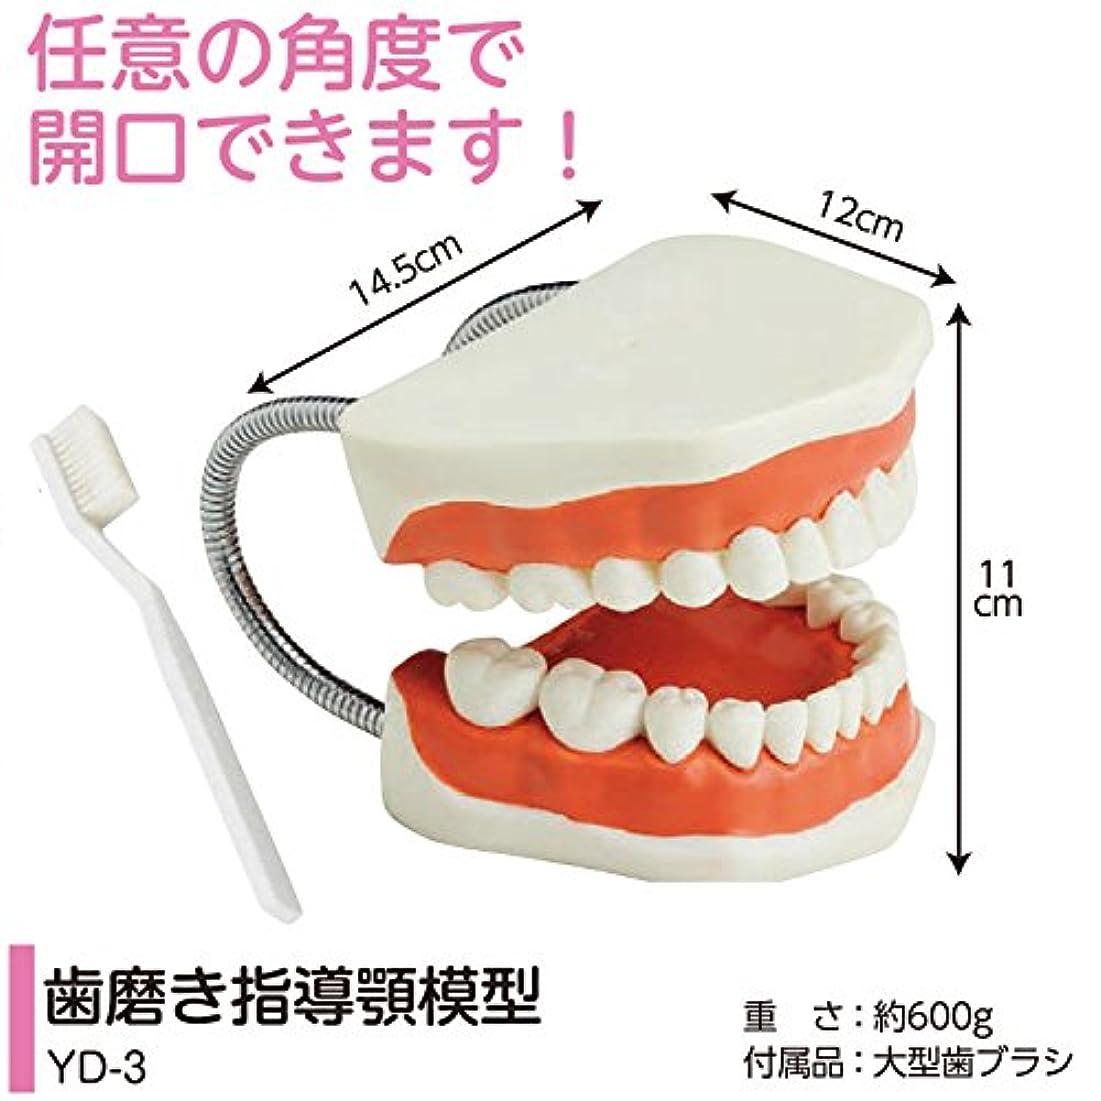 貞何よりも熱狂的な歯磨き指導用 顎模型 YD-3(歯ブラシ付) 軽くて持ちやすい歯みがき指導顎模型